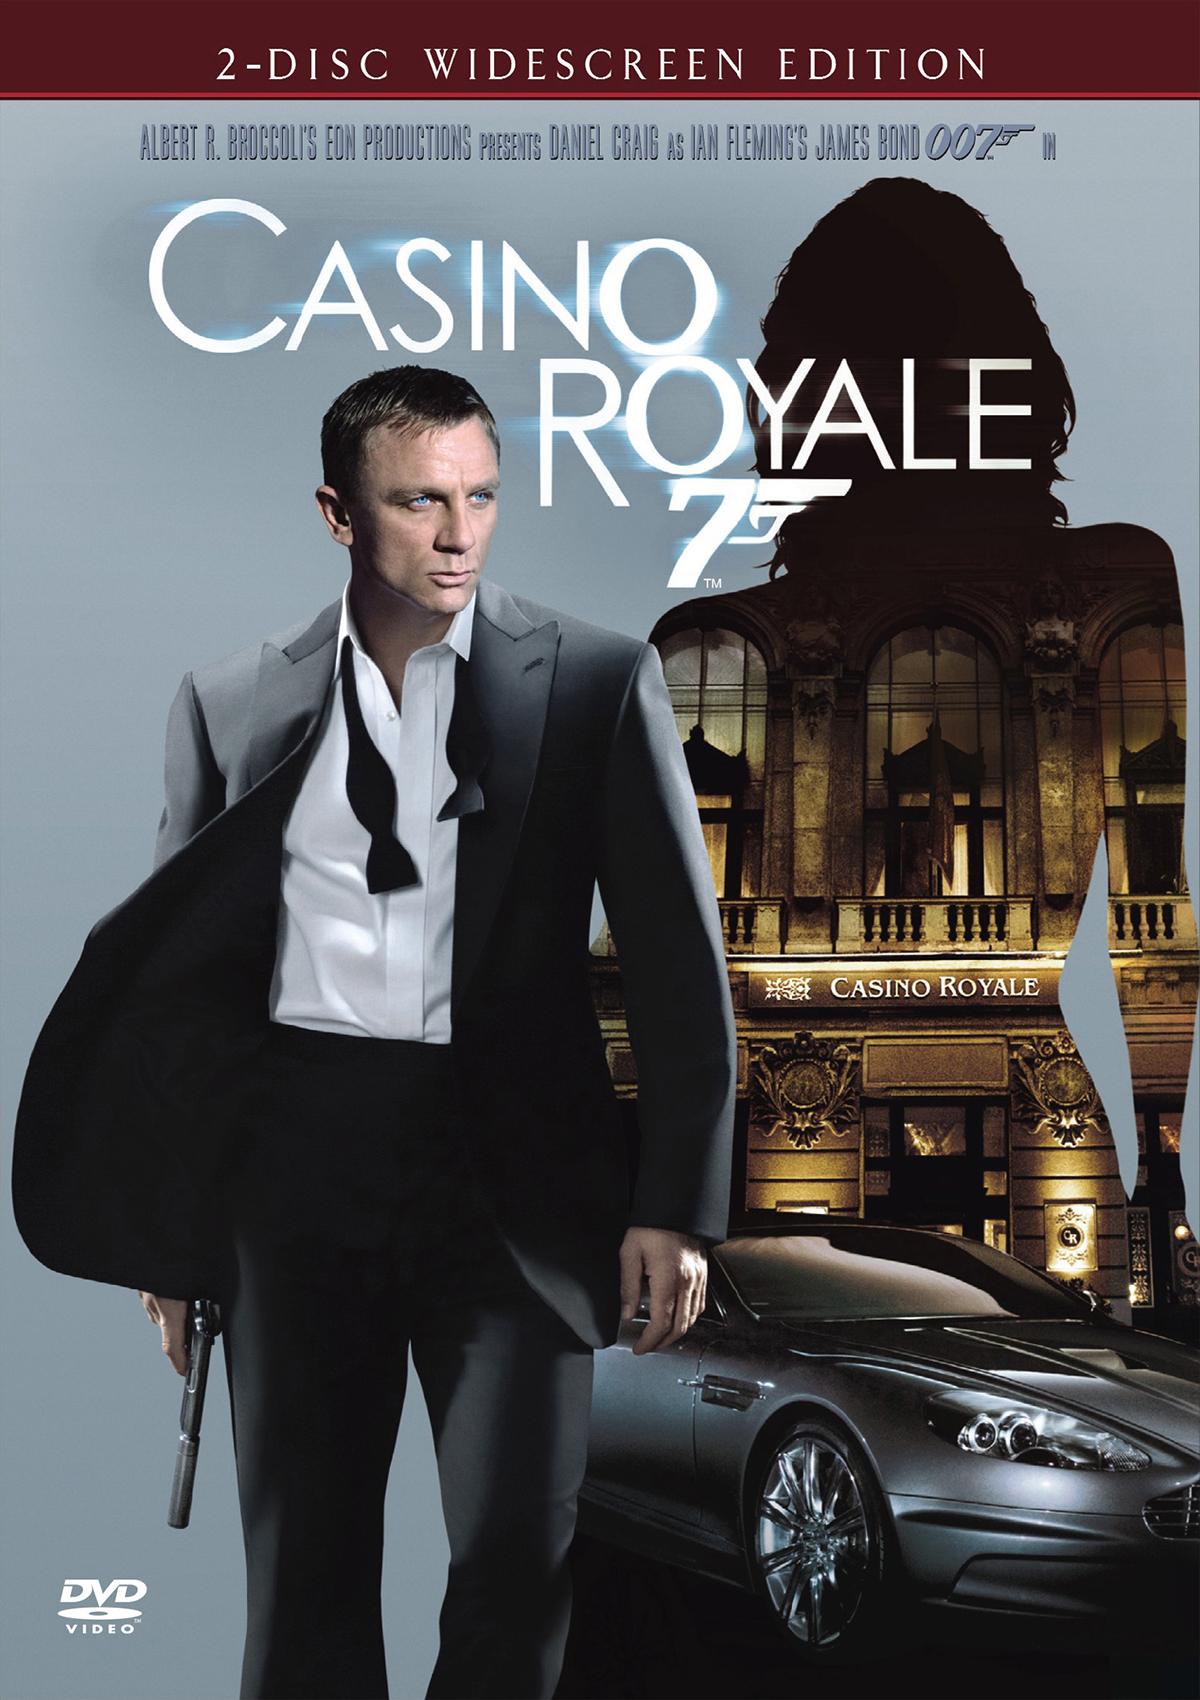 Выходит на двд казино рояль фильм казино рояль видео